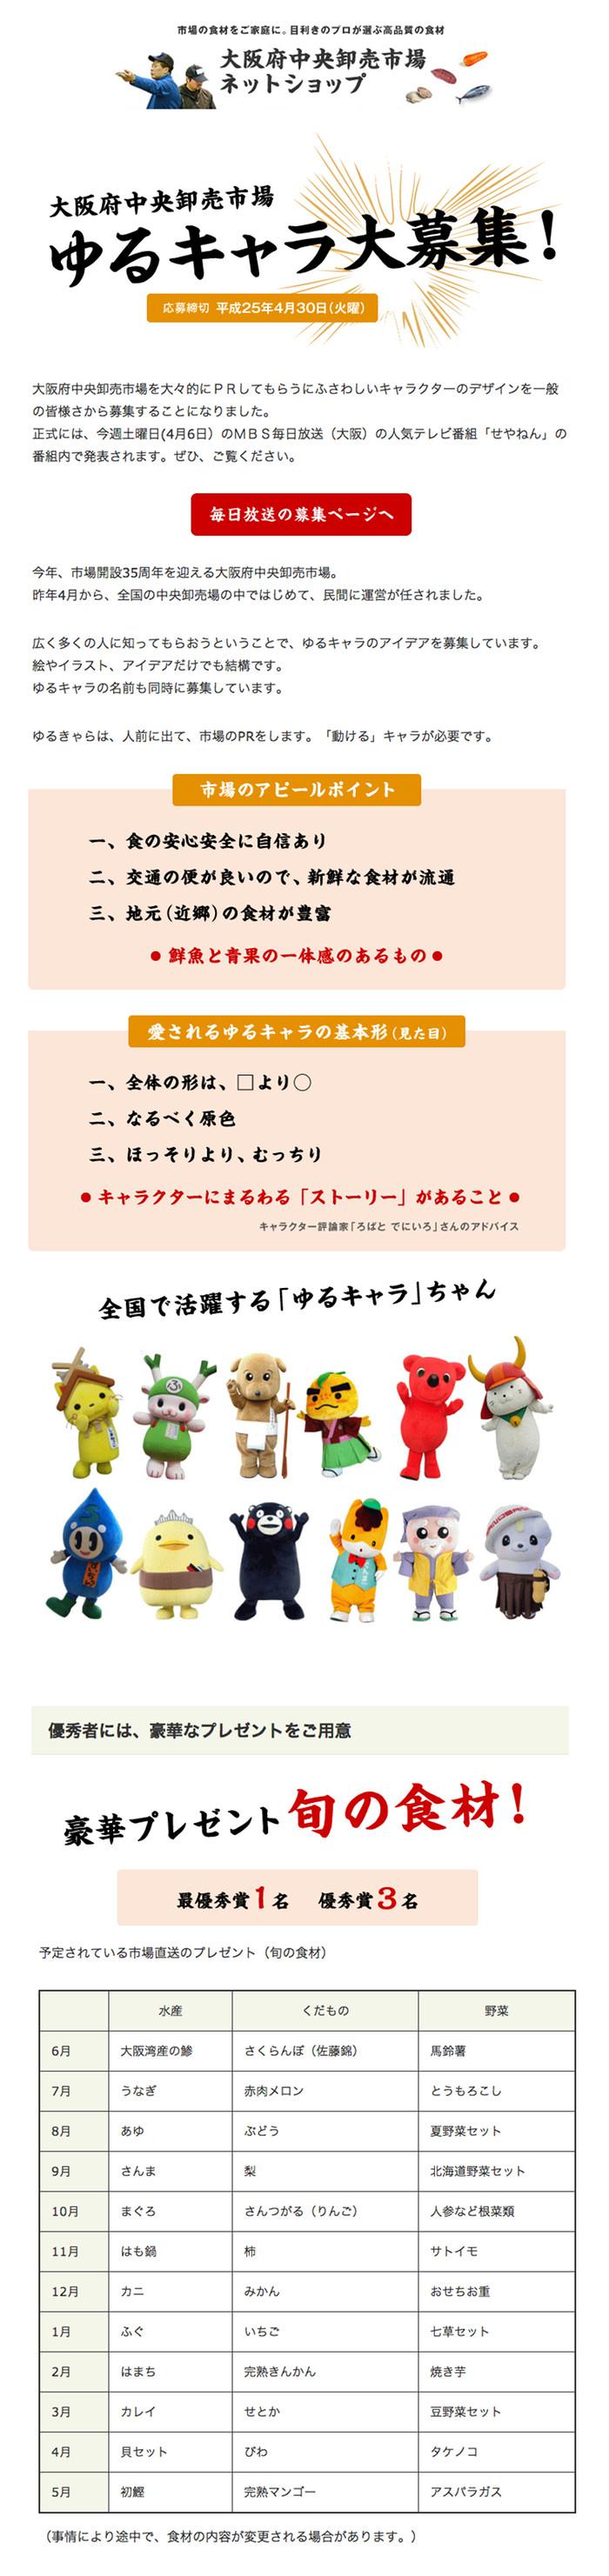 毎日放送「せやねん!」で募集していた大阪府中央卸売市場のゆるキャラ